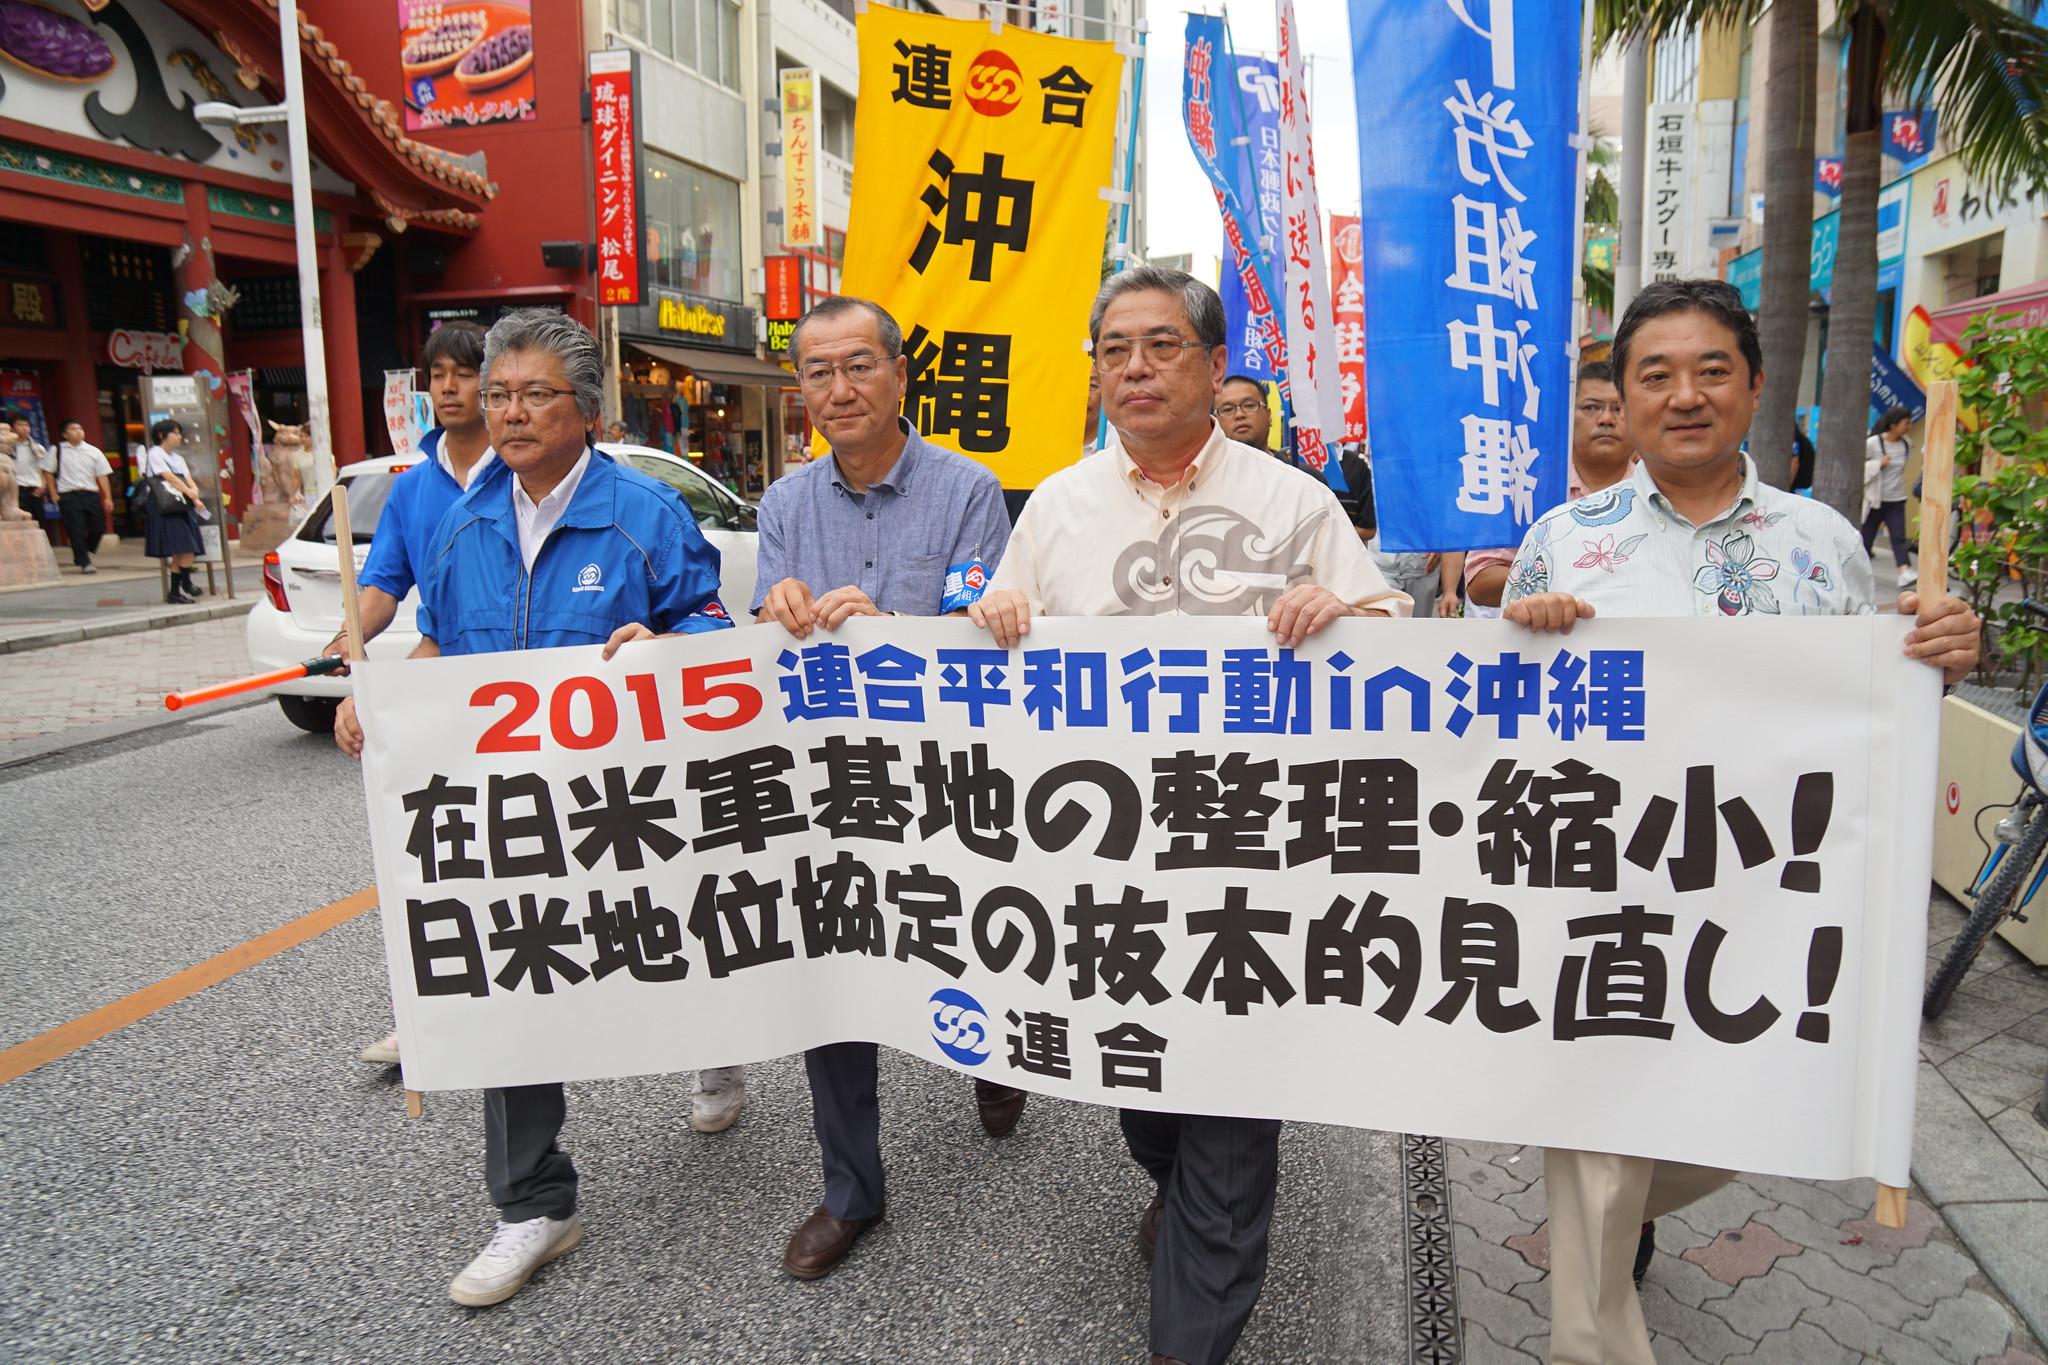 2015年联合沖绳慰灵日游行,诉求美军基地的缩编与修改〈日美地位协定〉。(摄影:王颢中)